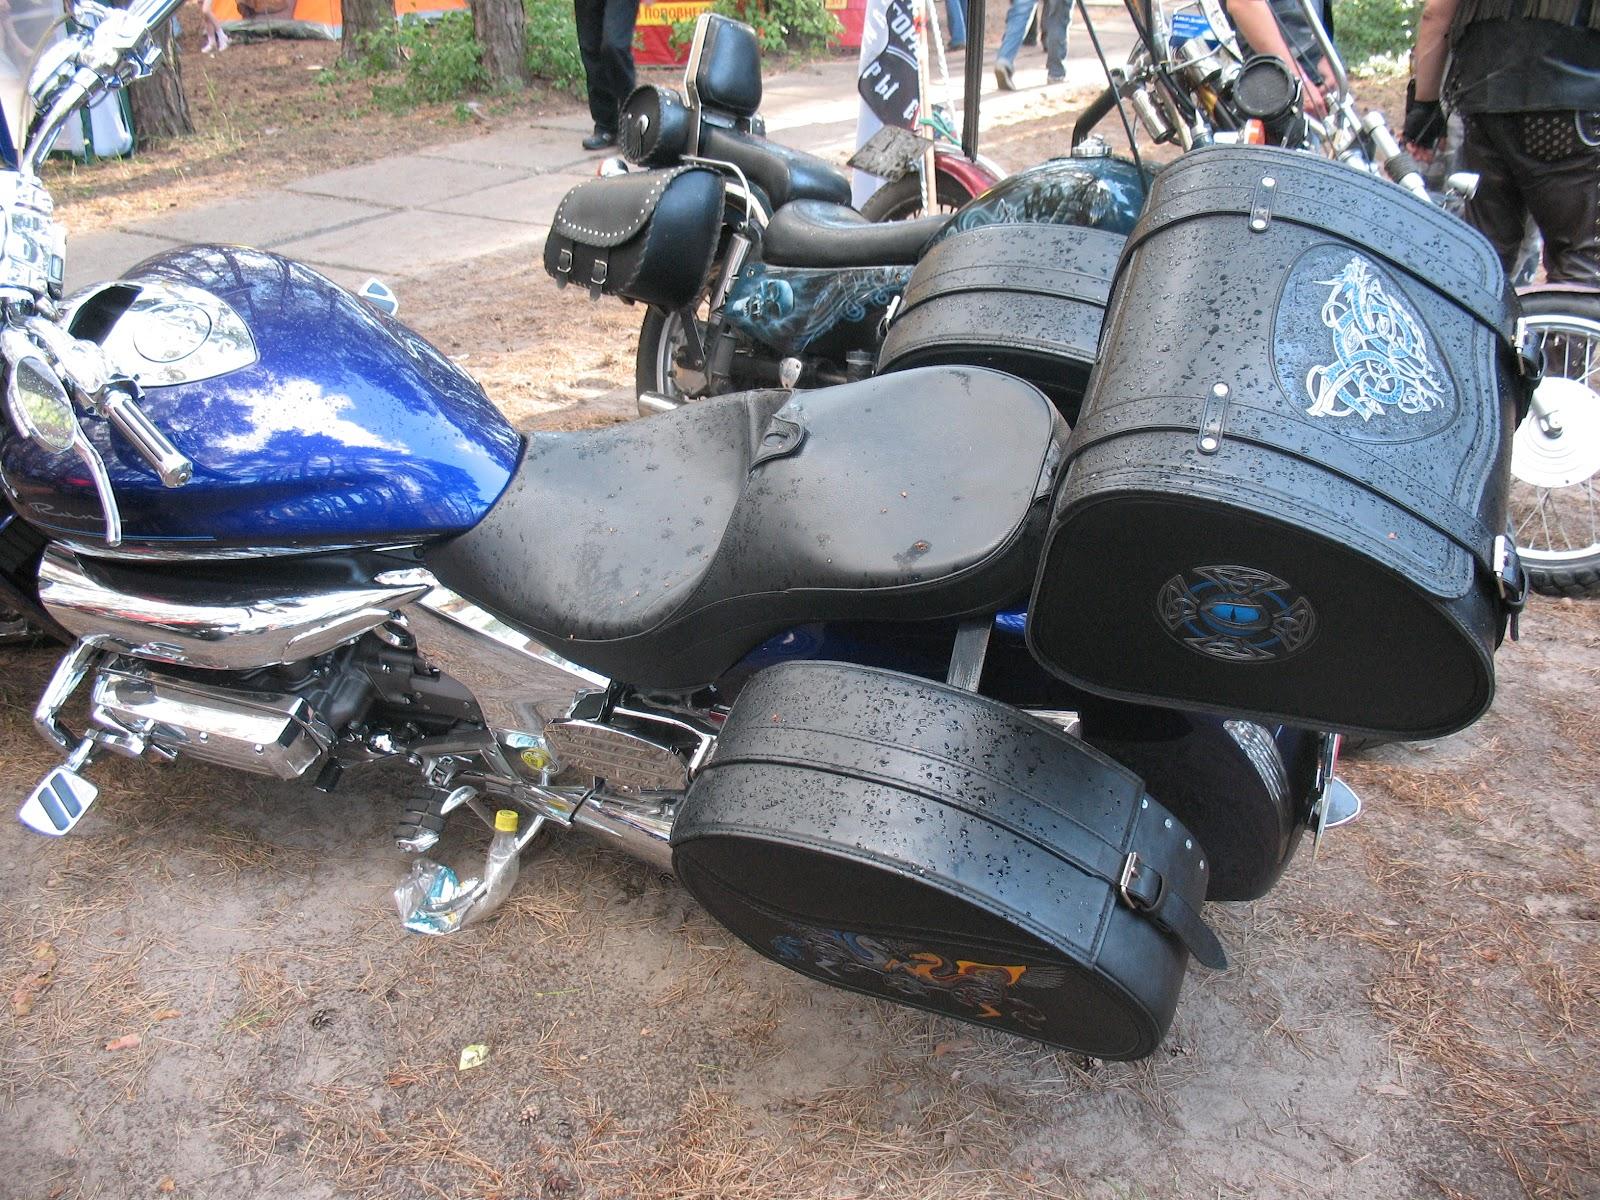 Пошив кофров для мотоцикла своими руками